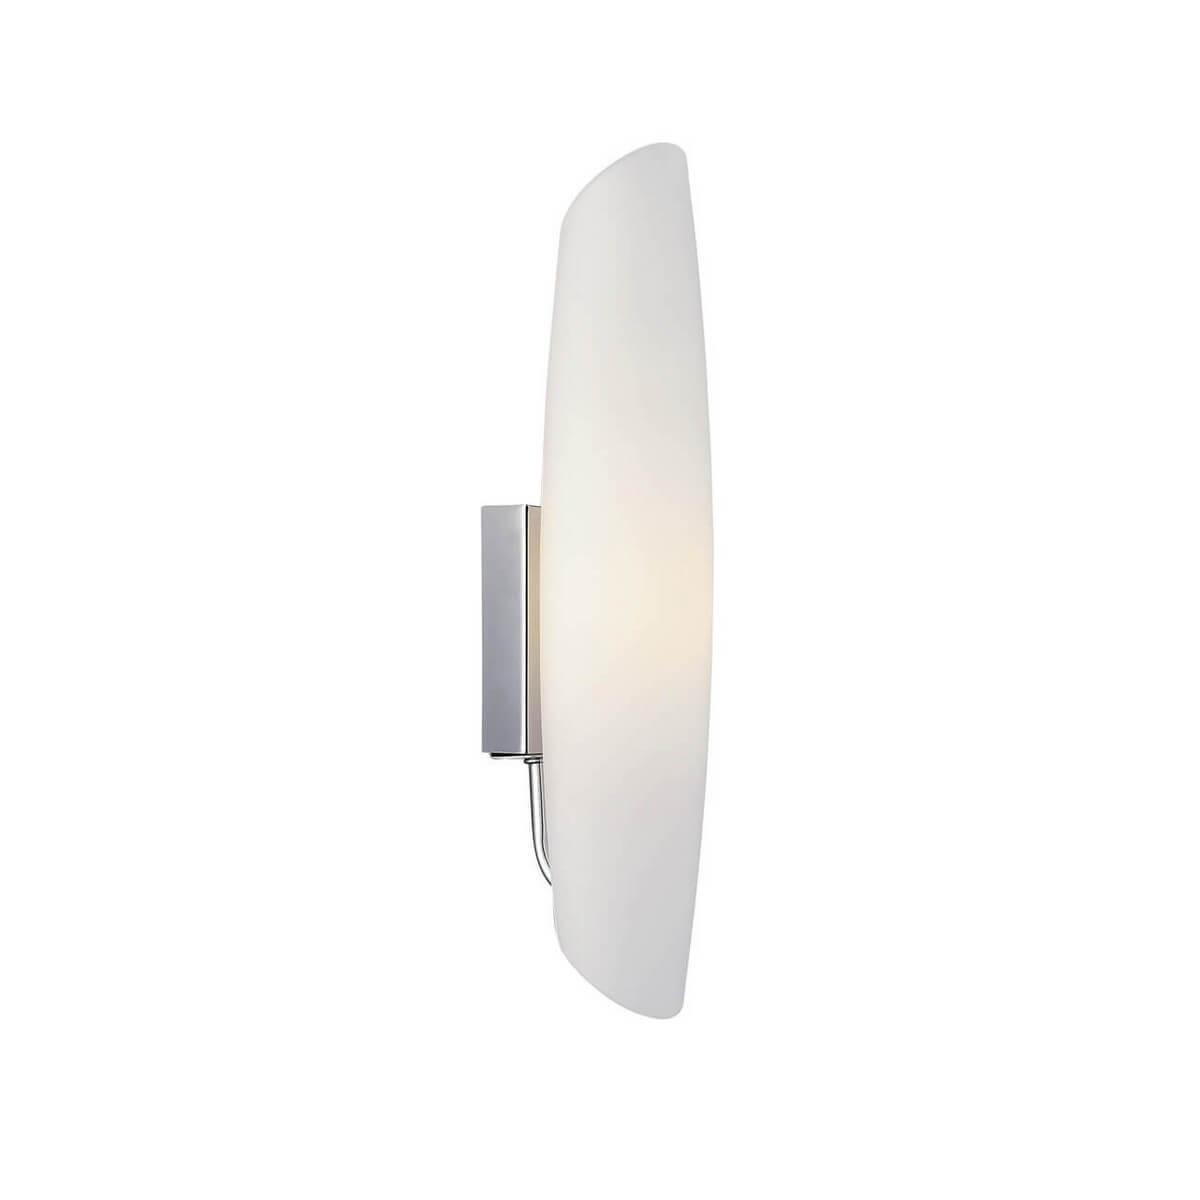 Светильник Lightstar 803600 Dissimo